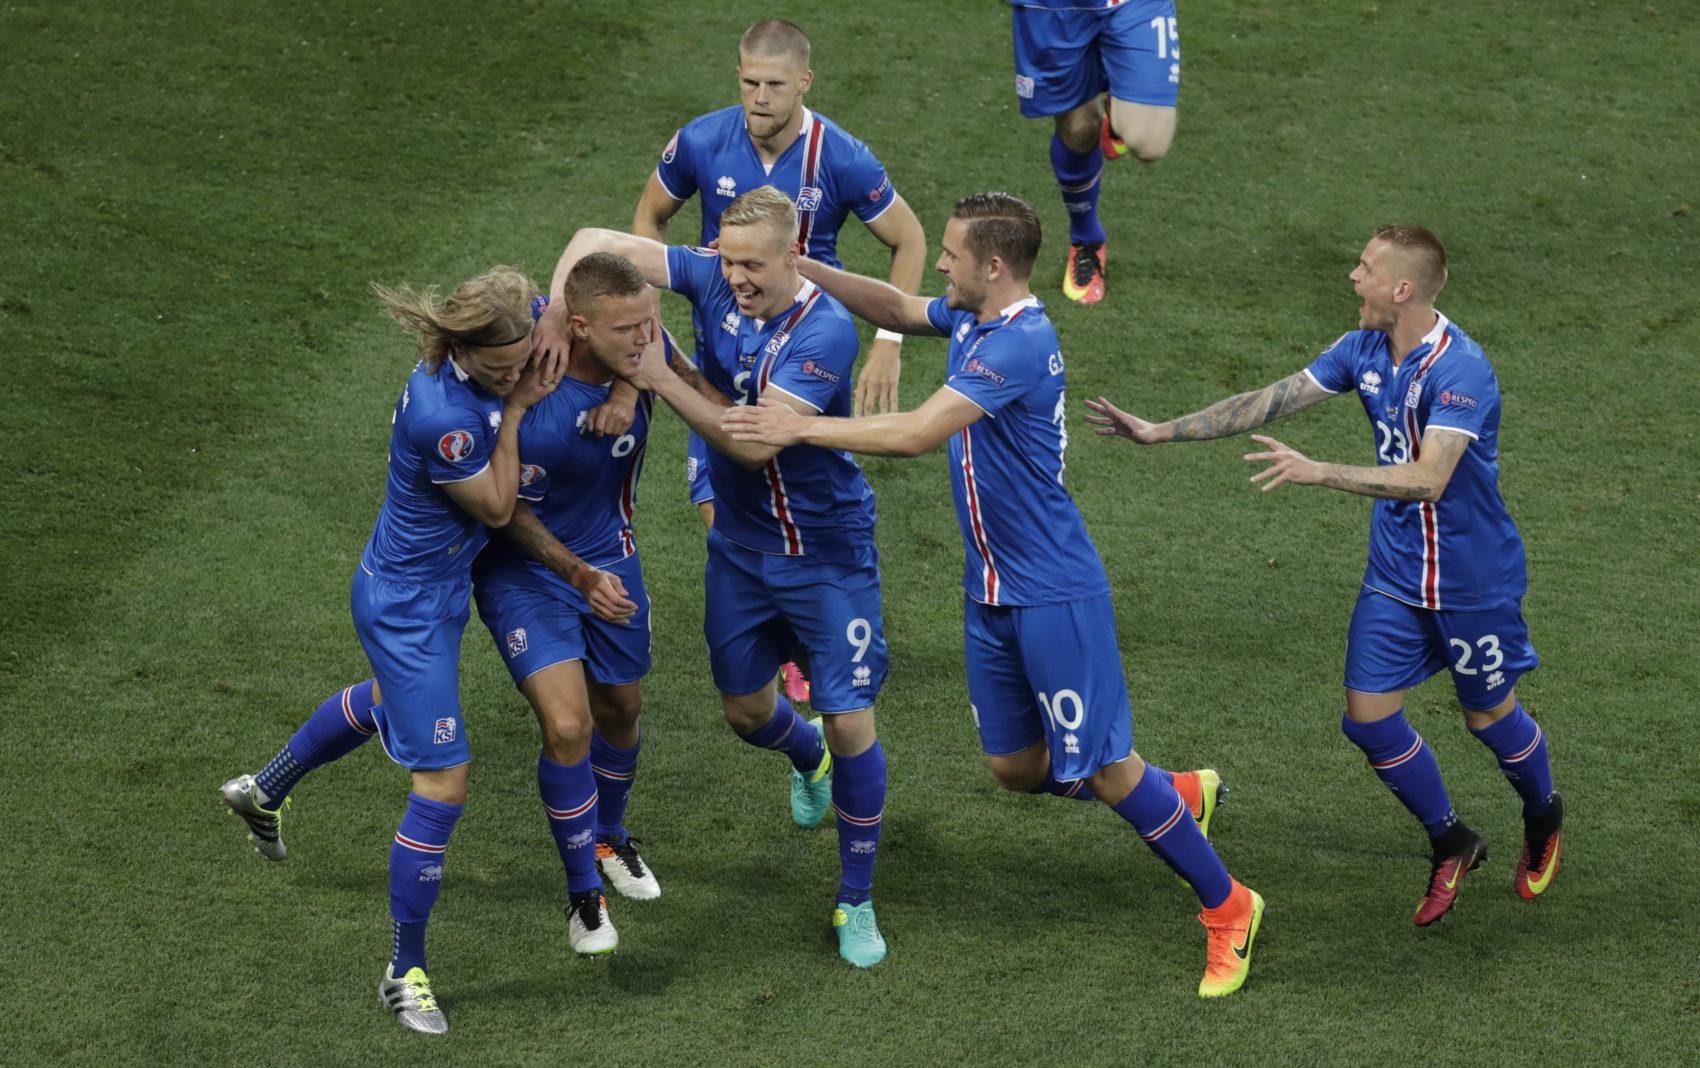 Francúzsko – Island, štvrťfinále EURO 2016